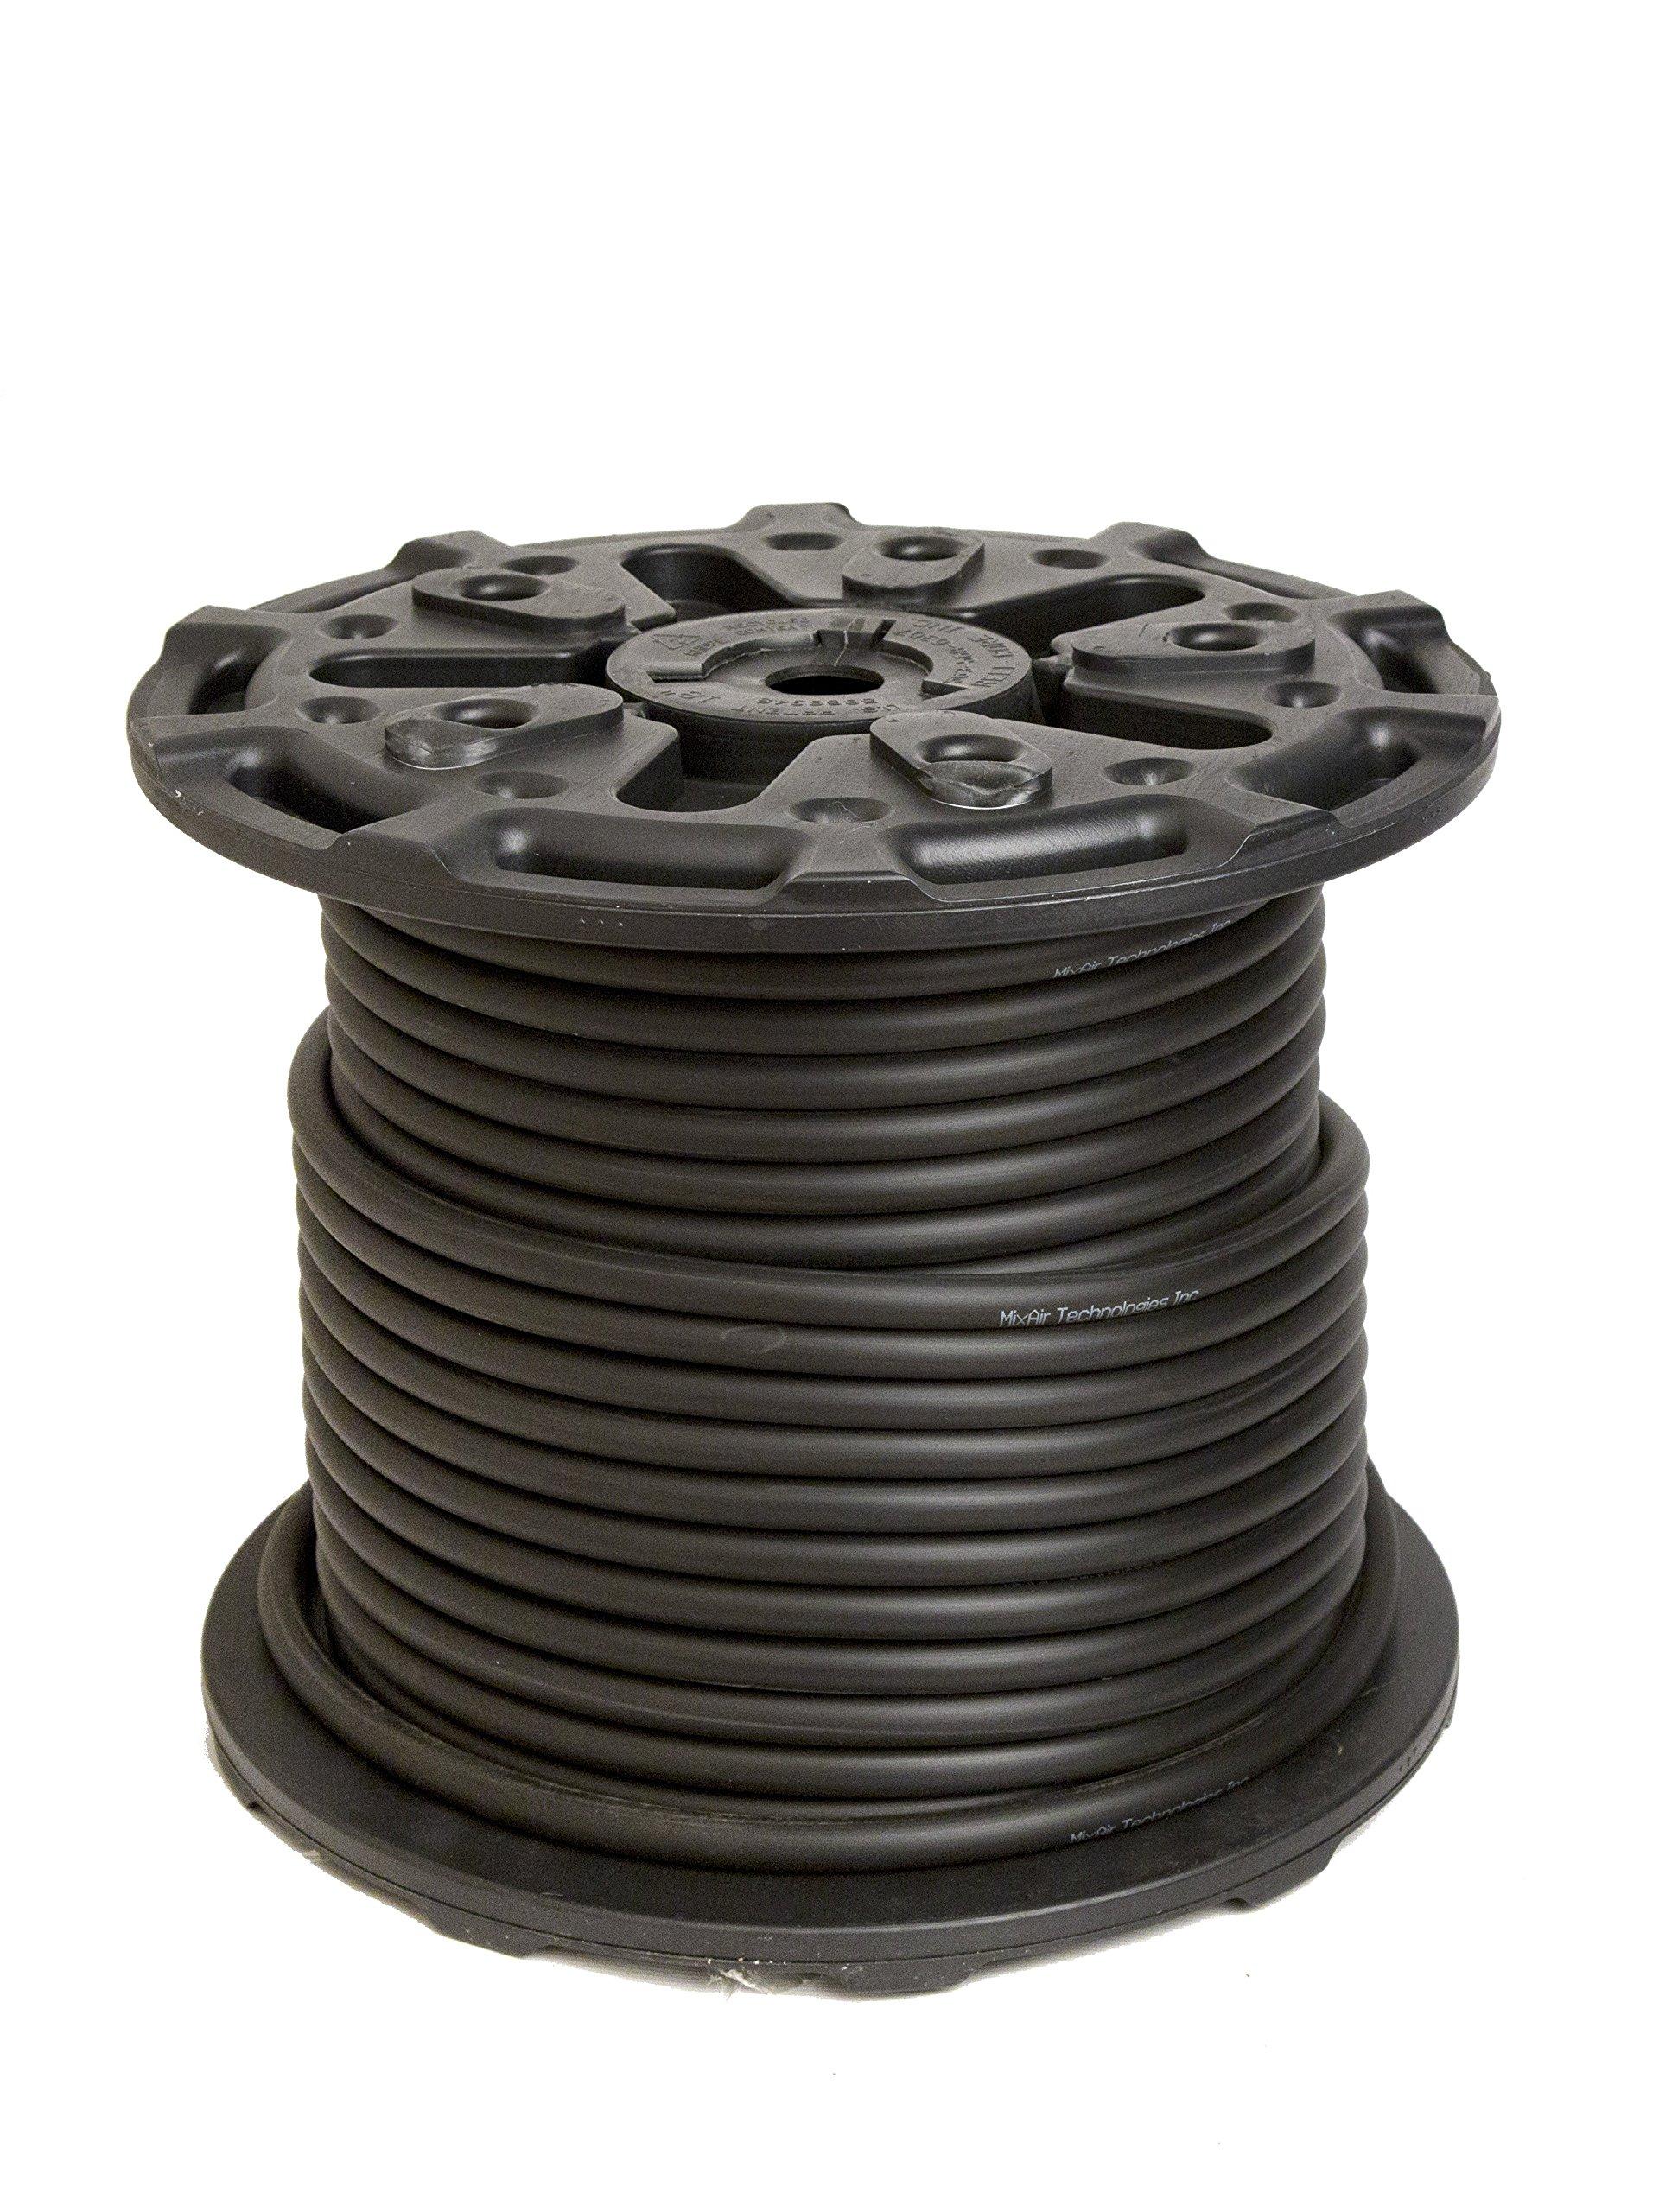 MIXAIR MixAirTech Sinking Hose, Black, 3/8-Inch/500-Feet